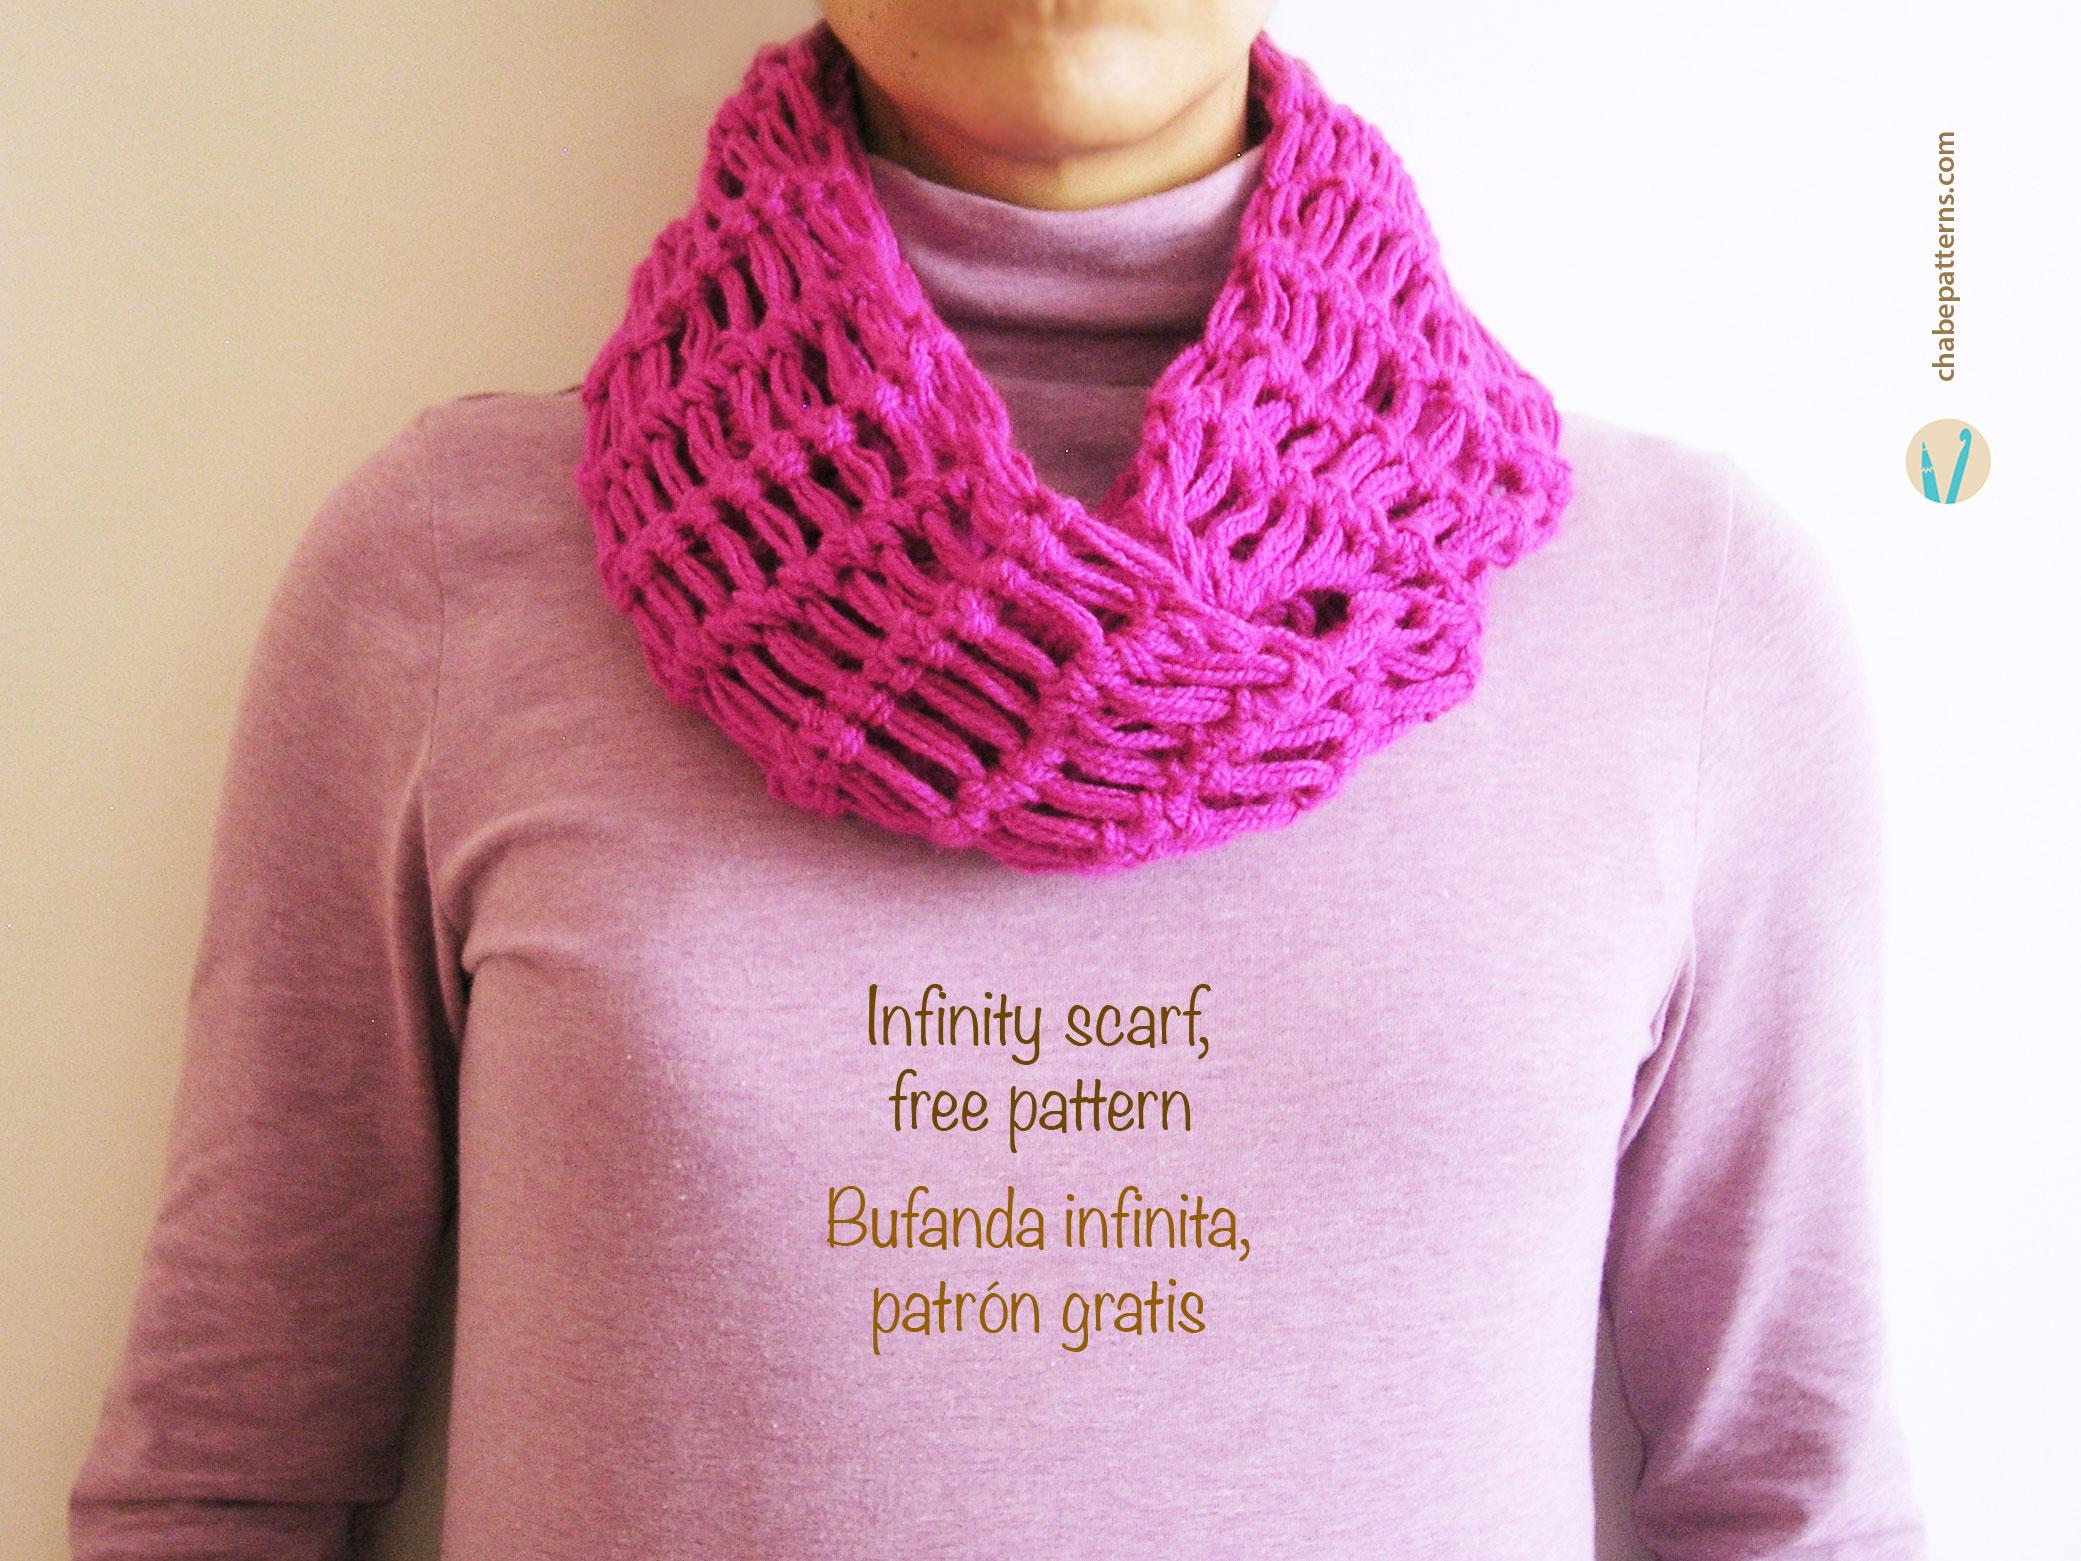 Hermosa Los Patrones De Crochet Libre Para La Bufanda Infinito ...